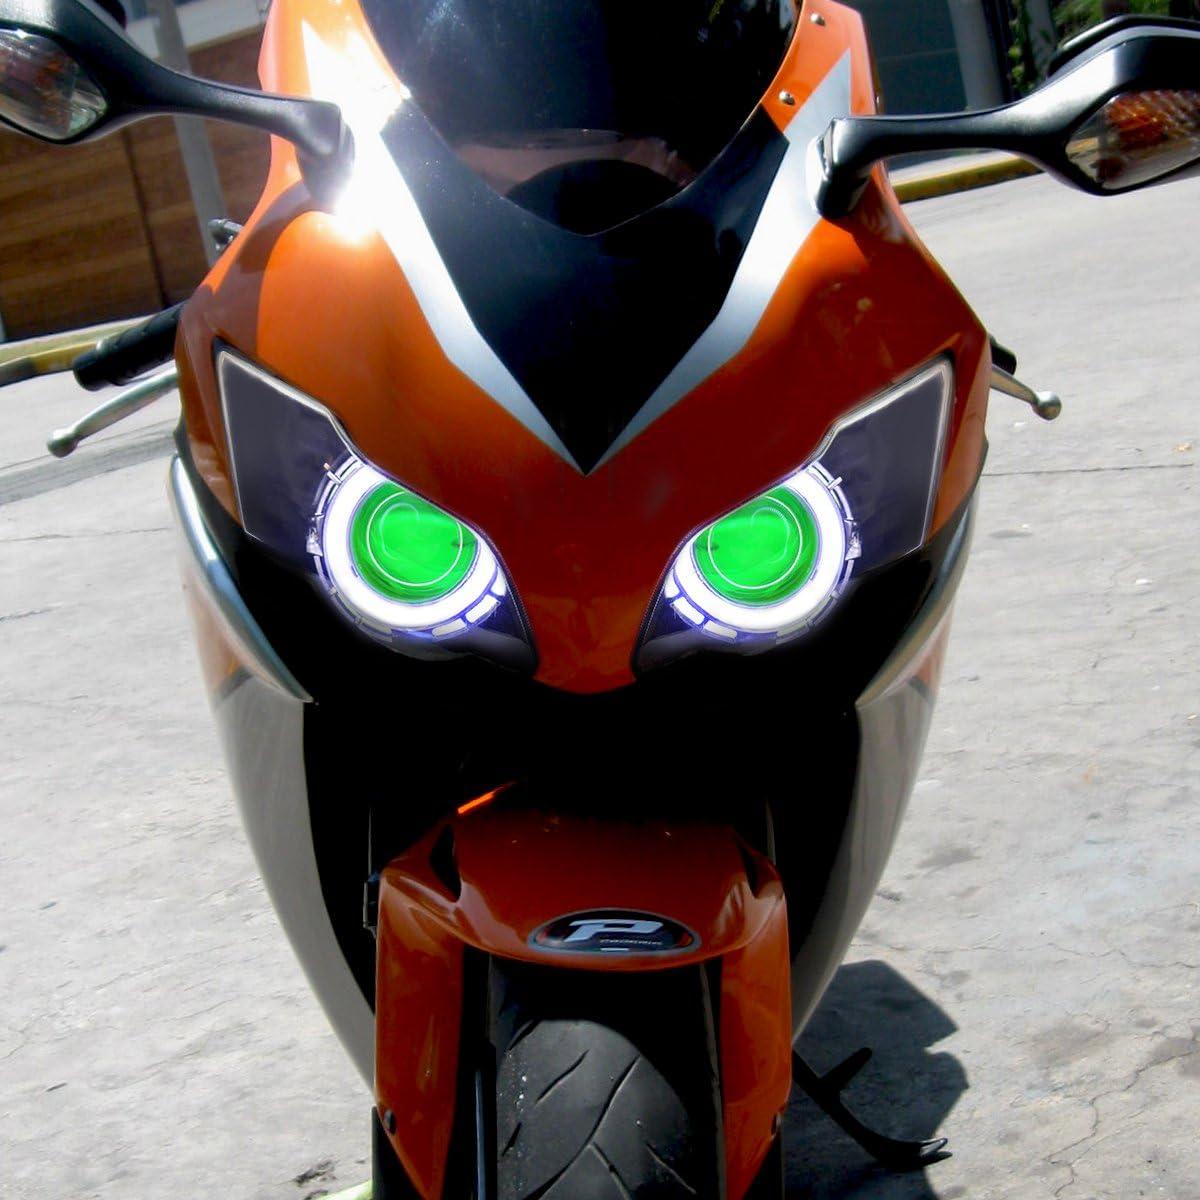 KT LED Angel Eye Headlight Assembly for Honda CBR1000RR 2008-2011 V1 Red Demon Eye